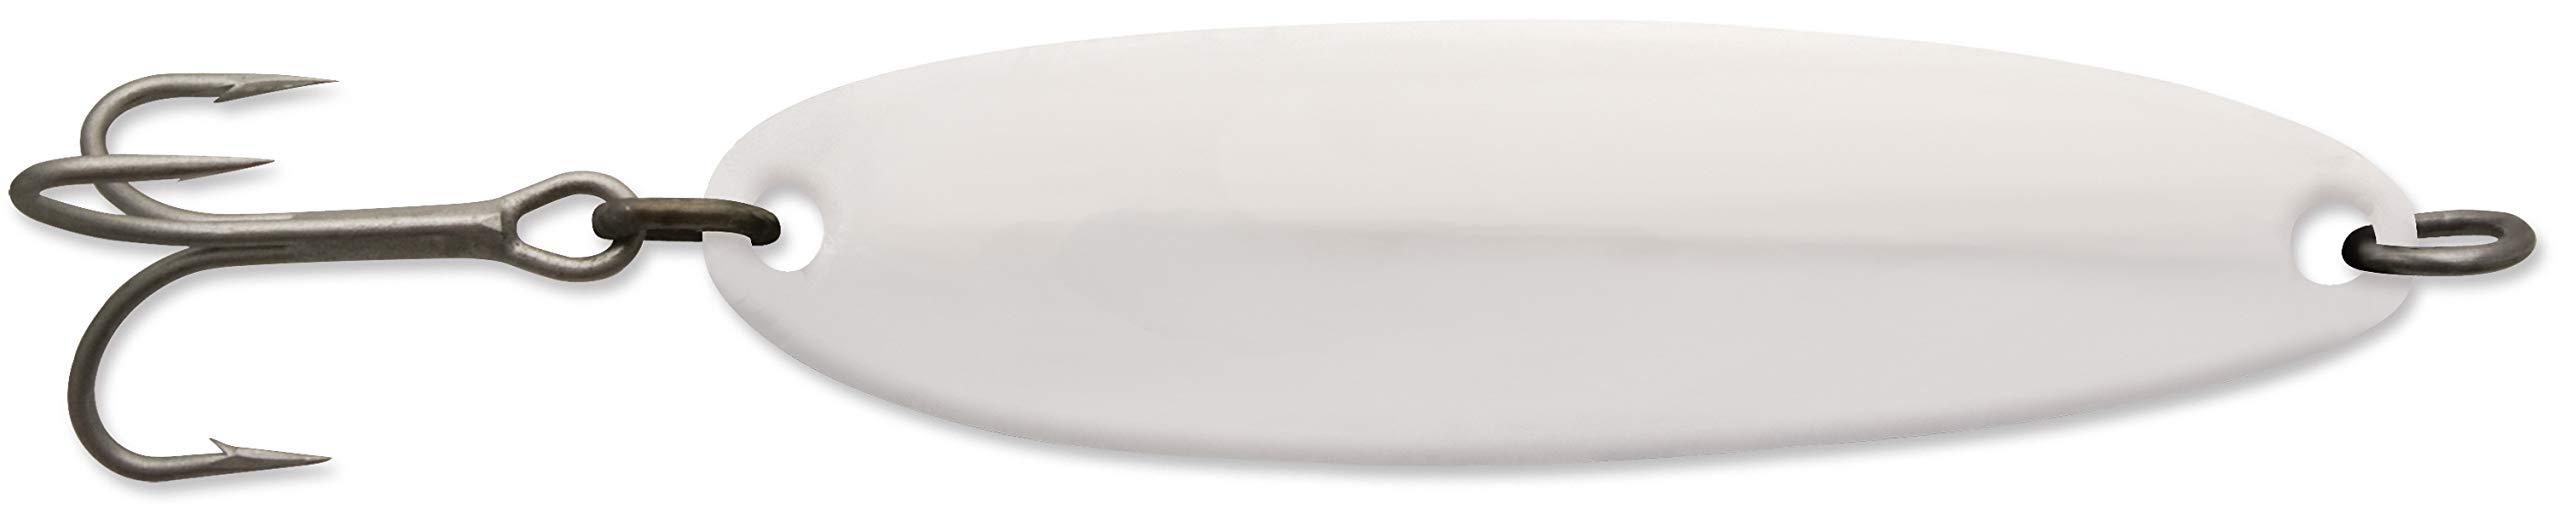 LUHR JENSEN         KROCODILE     3//16 oz     Chrome//Silver Prism Lite